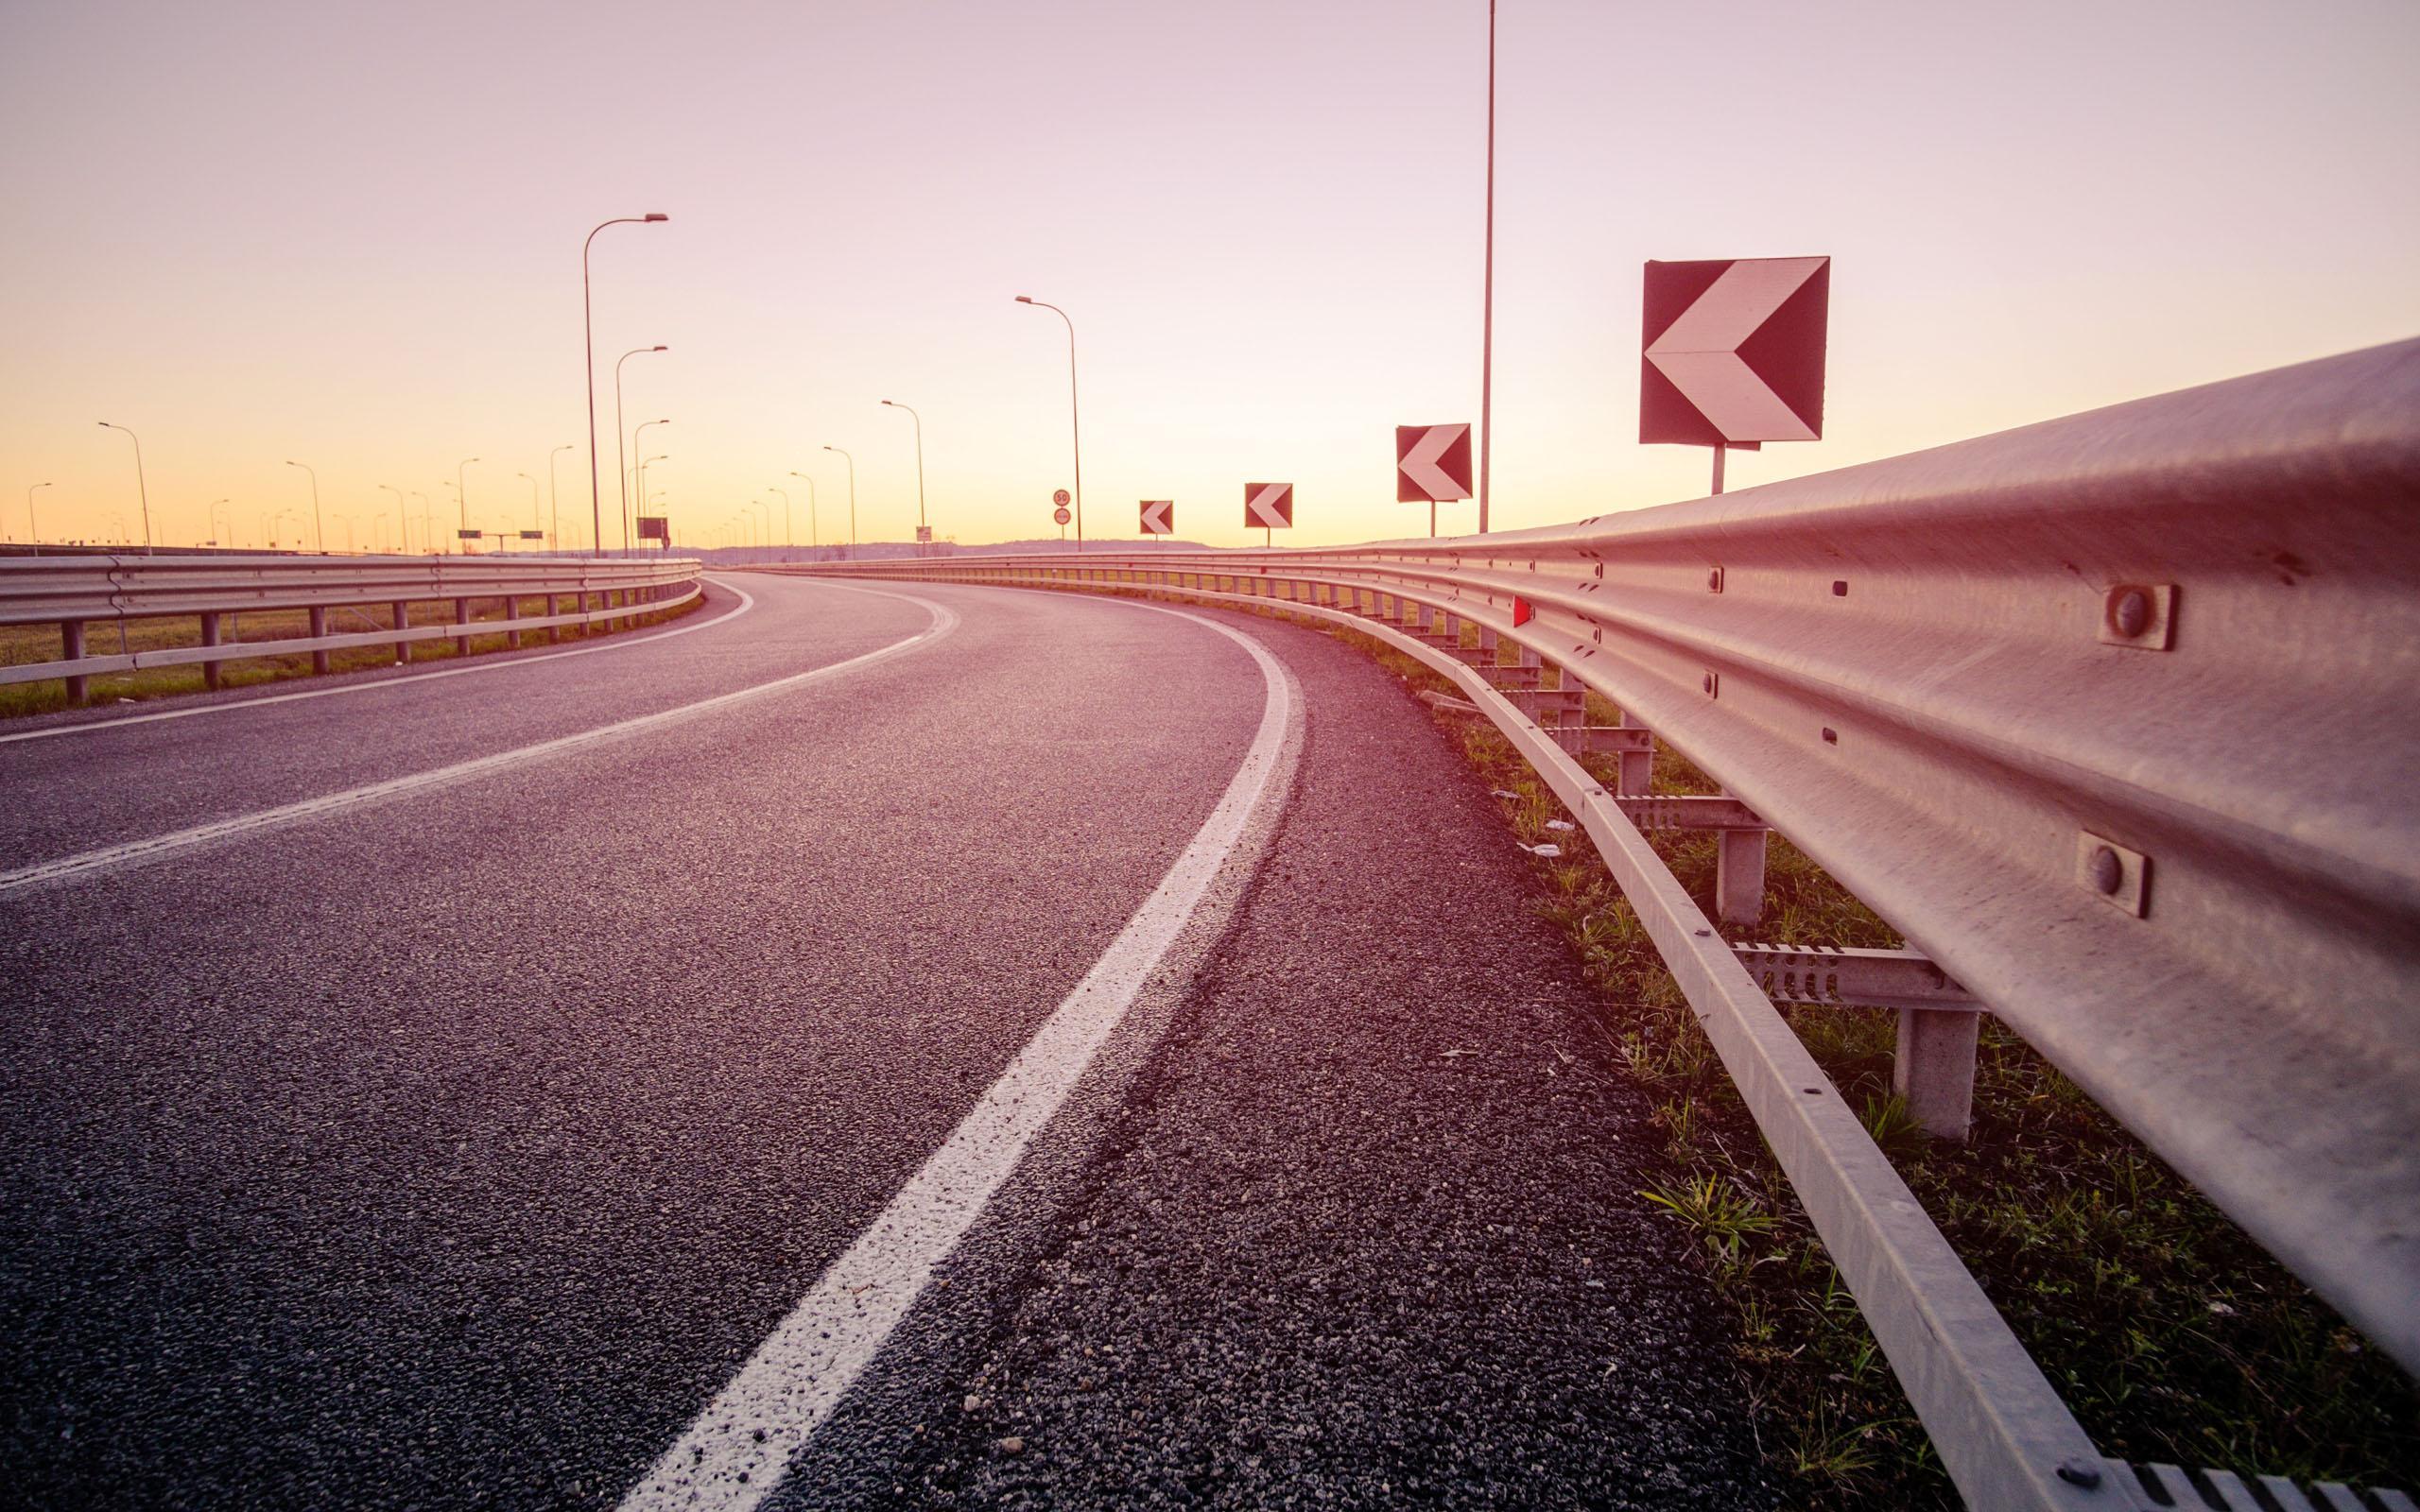 公路壁纸桌面 美丽乡村公路风景绿色壁纸图片